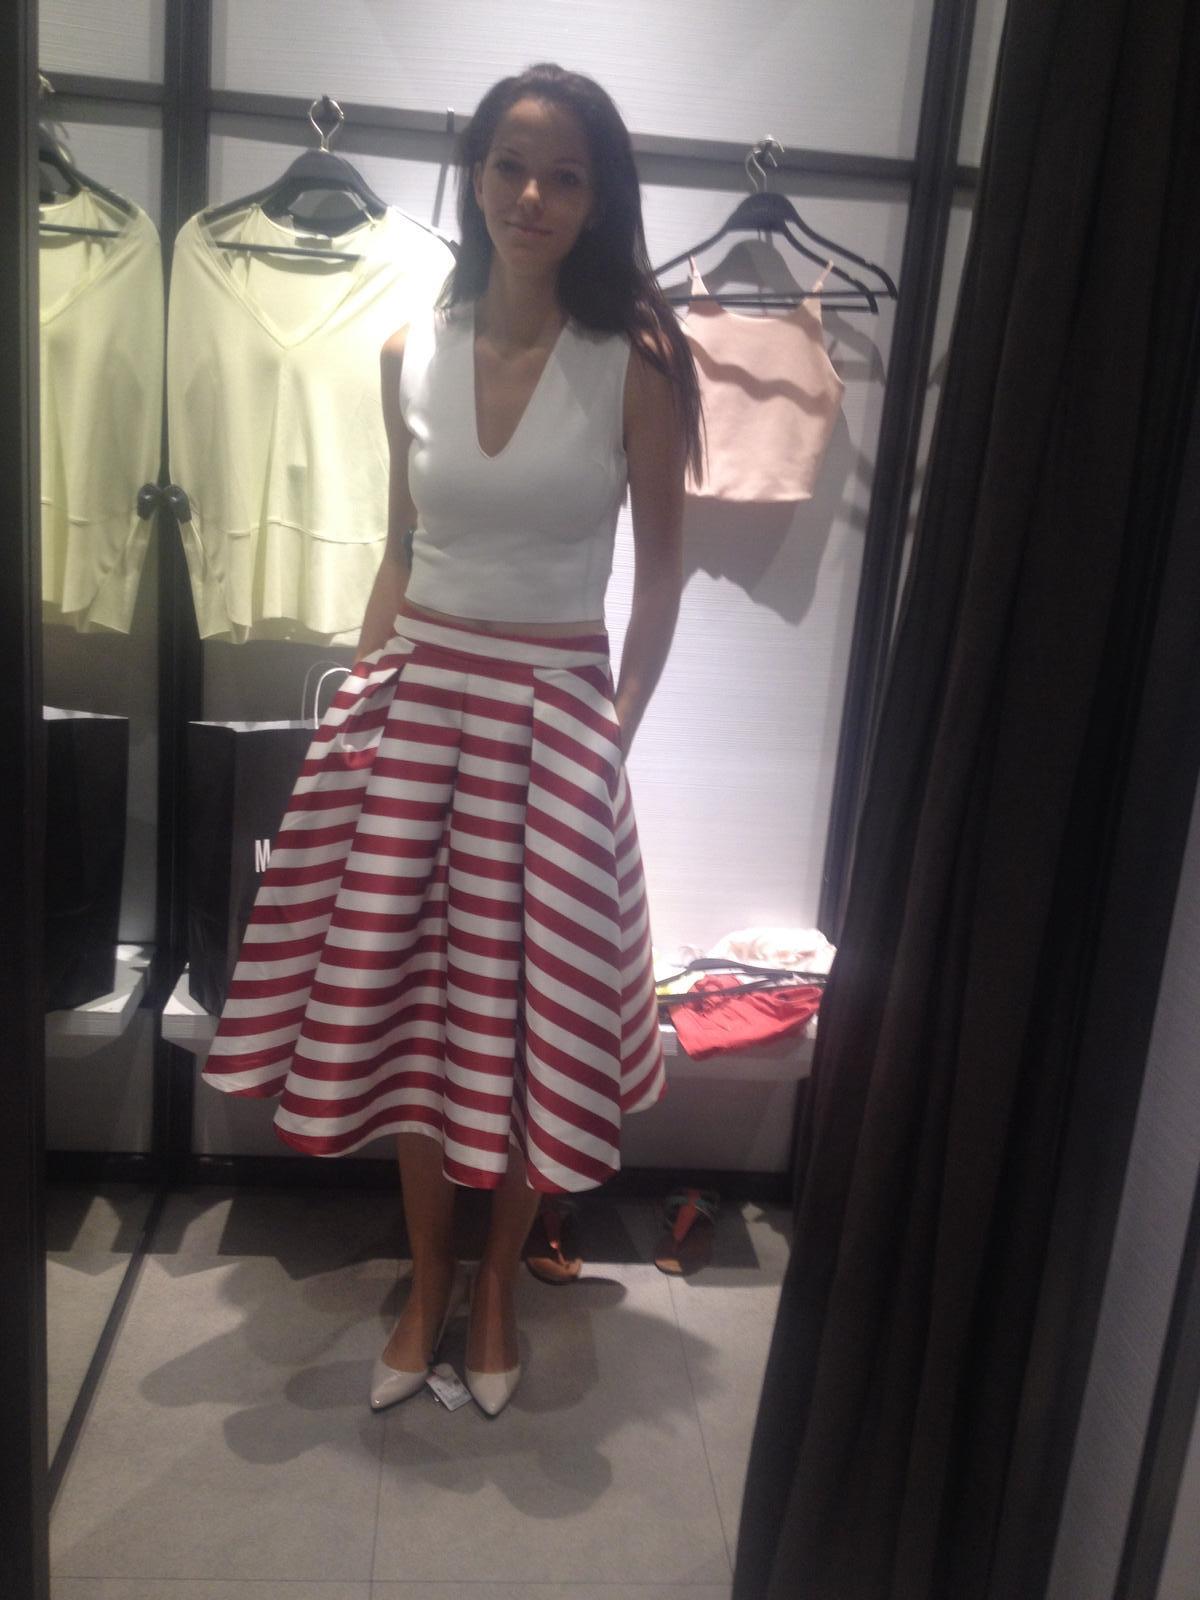 Co uz mame😍 - Oh dievcata mam najkrajsiu popolnocnu suknu strasne sa z nej tesim 💋😍